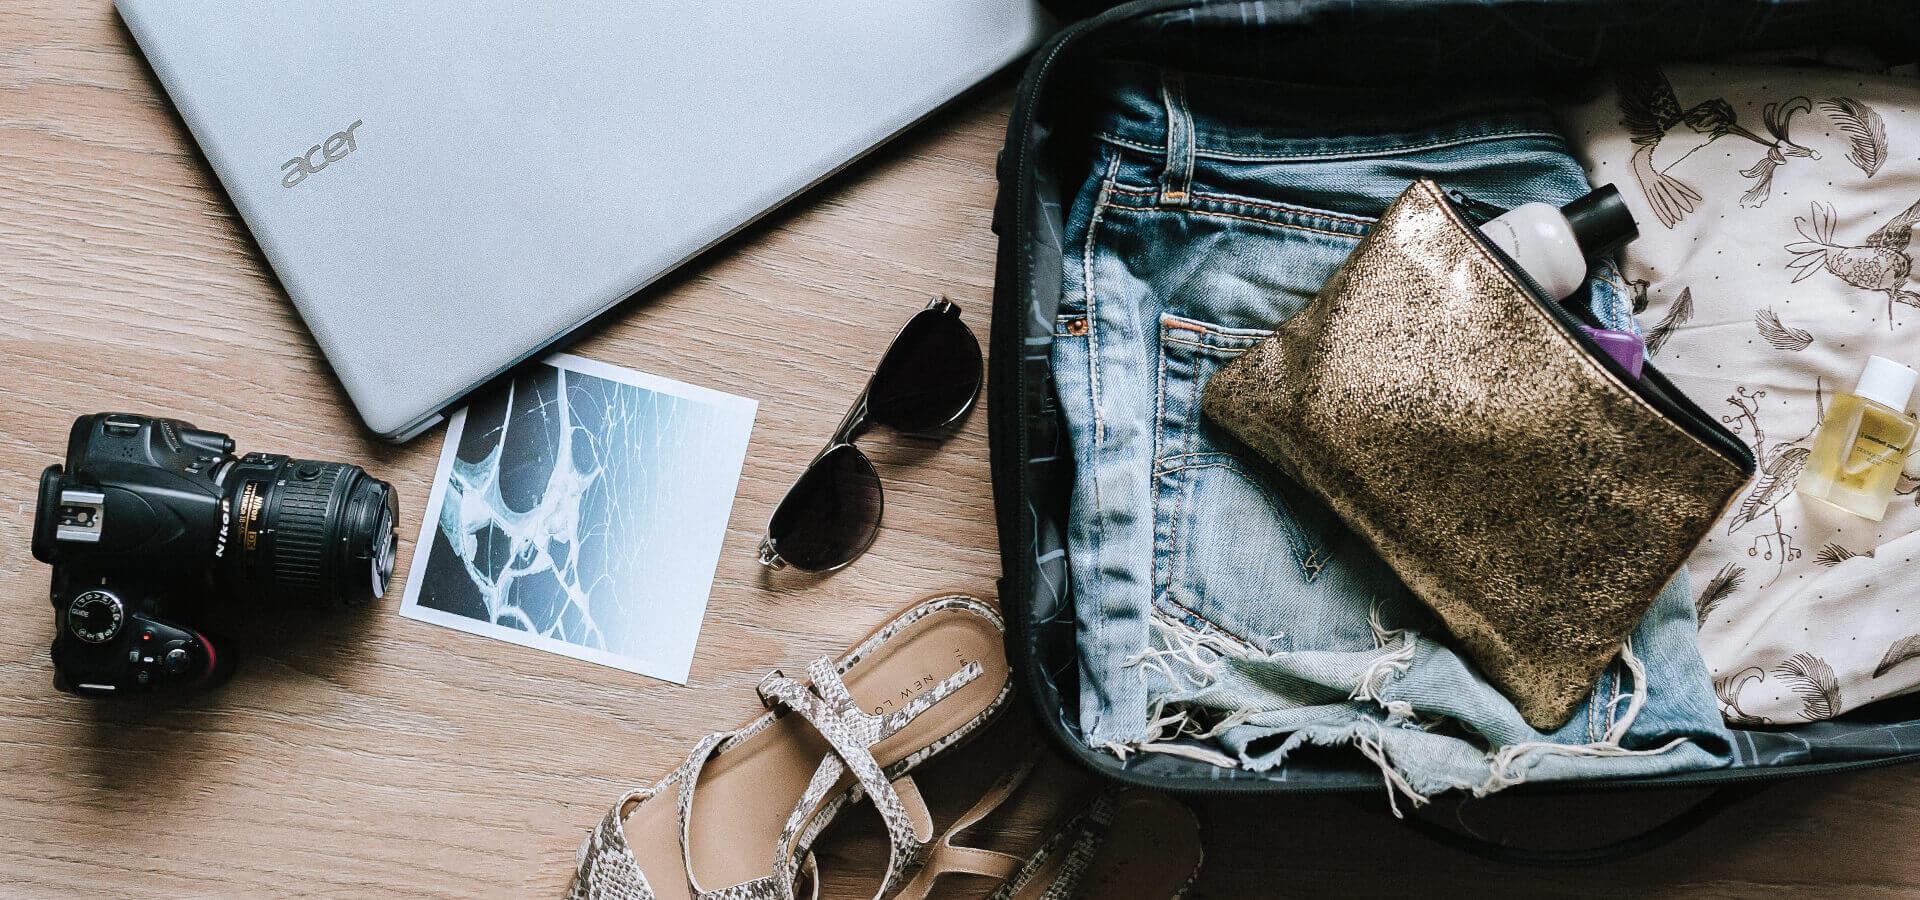 Ubezpieczenie turystyczne - czy warto je wykupić przed podróżą? Kompletny przewodnik